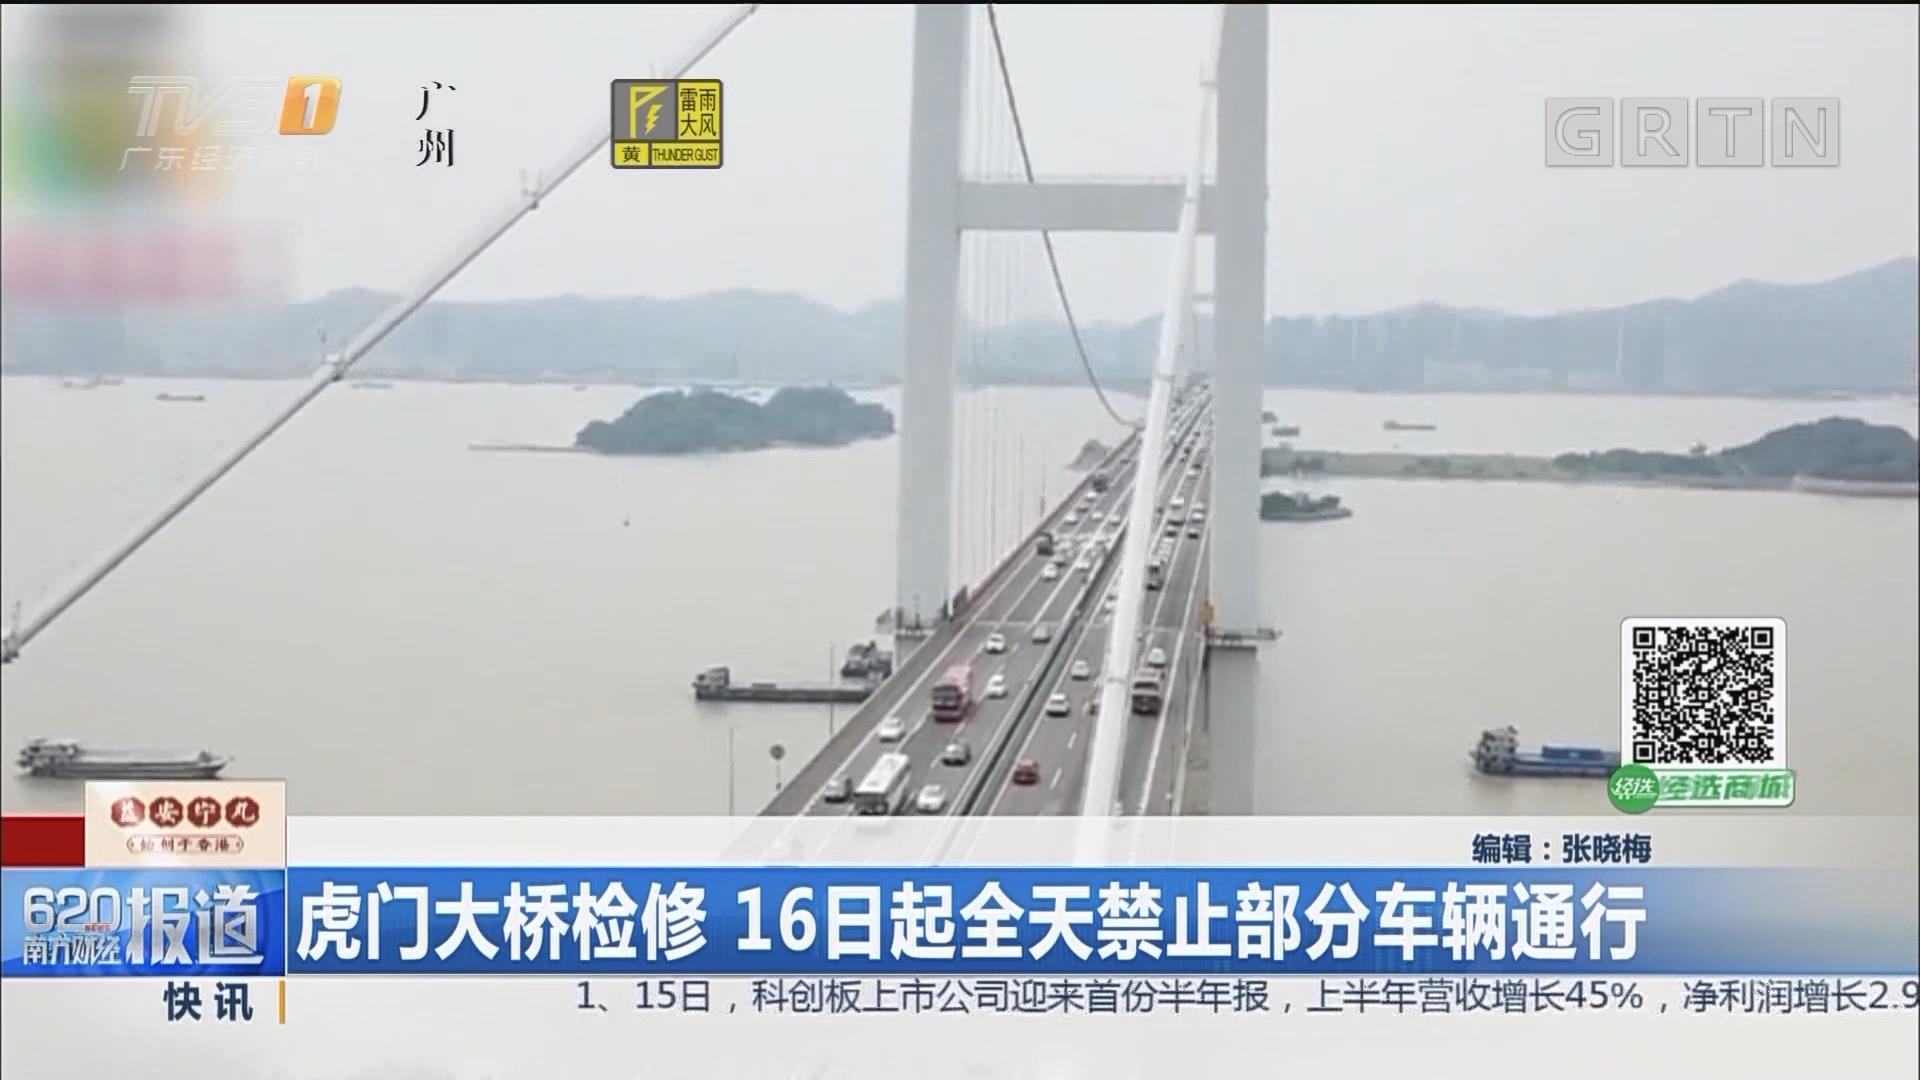 虎门大桥检修 16日起全天禁止部分车辆通行